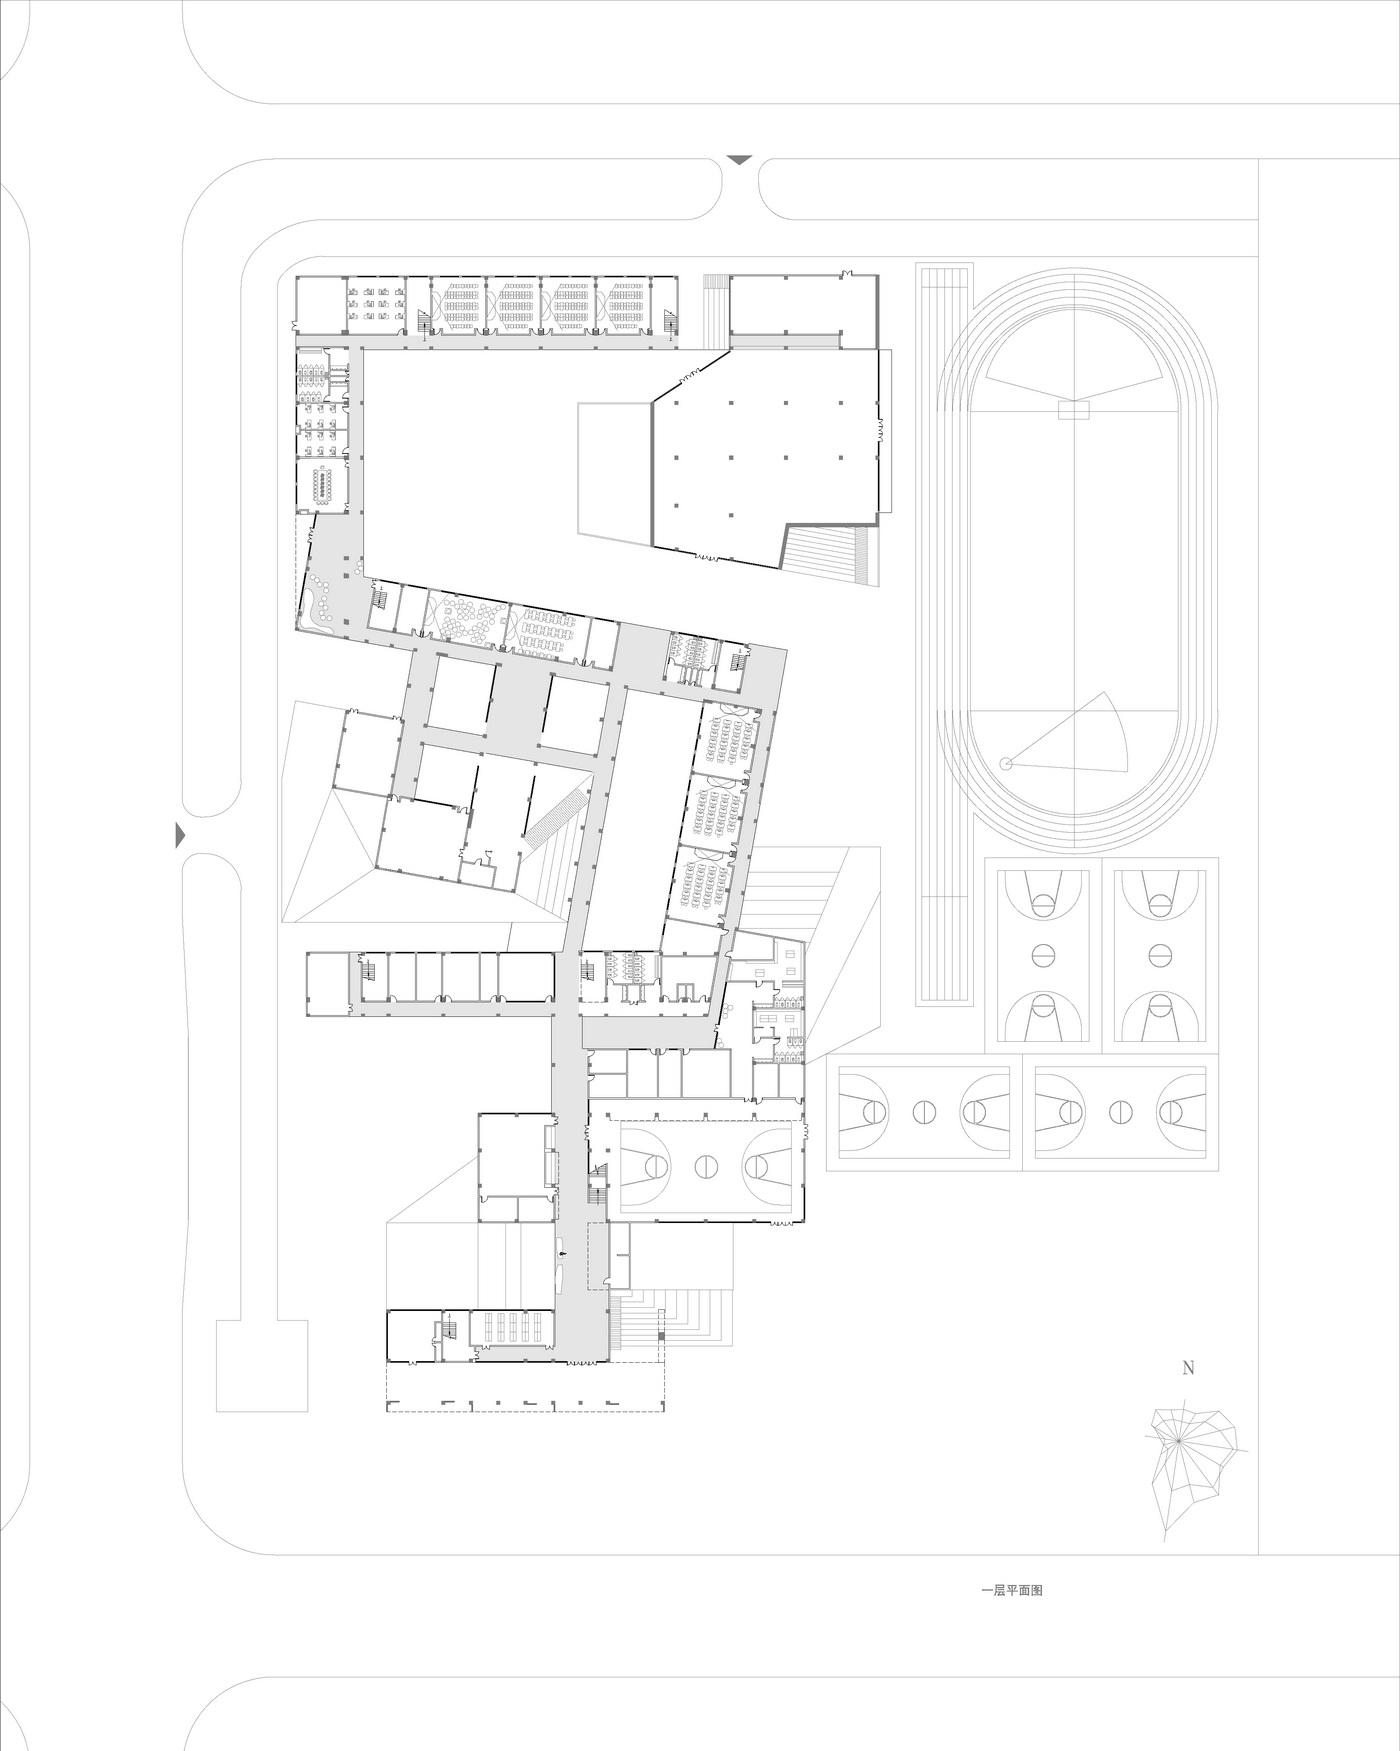 合肥万科北城中央公园中小学建筑设计/上海天华